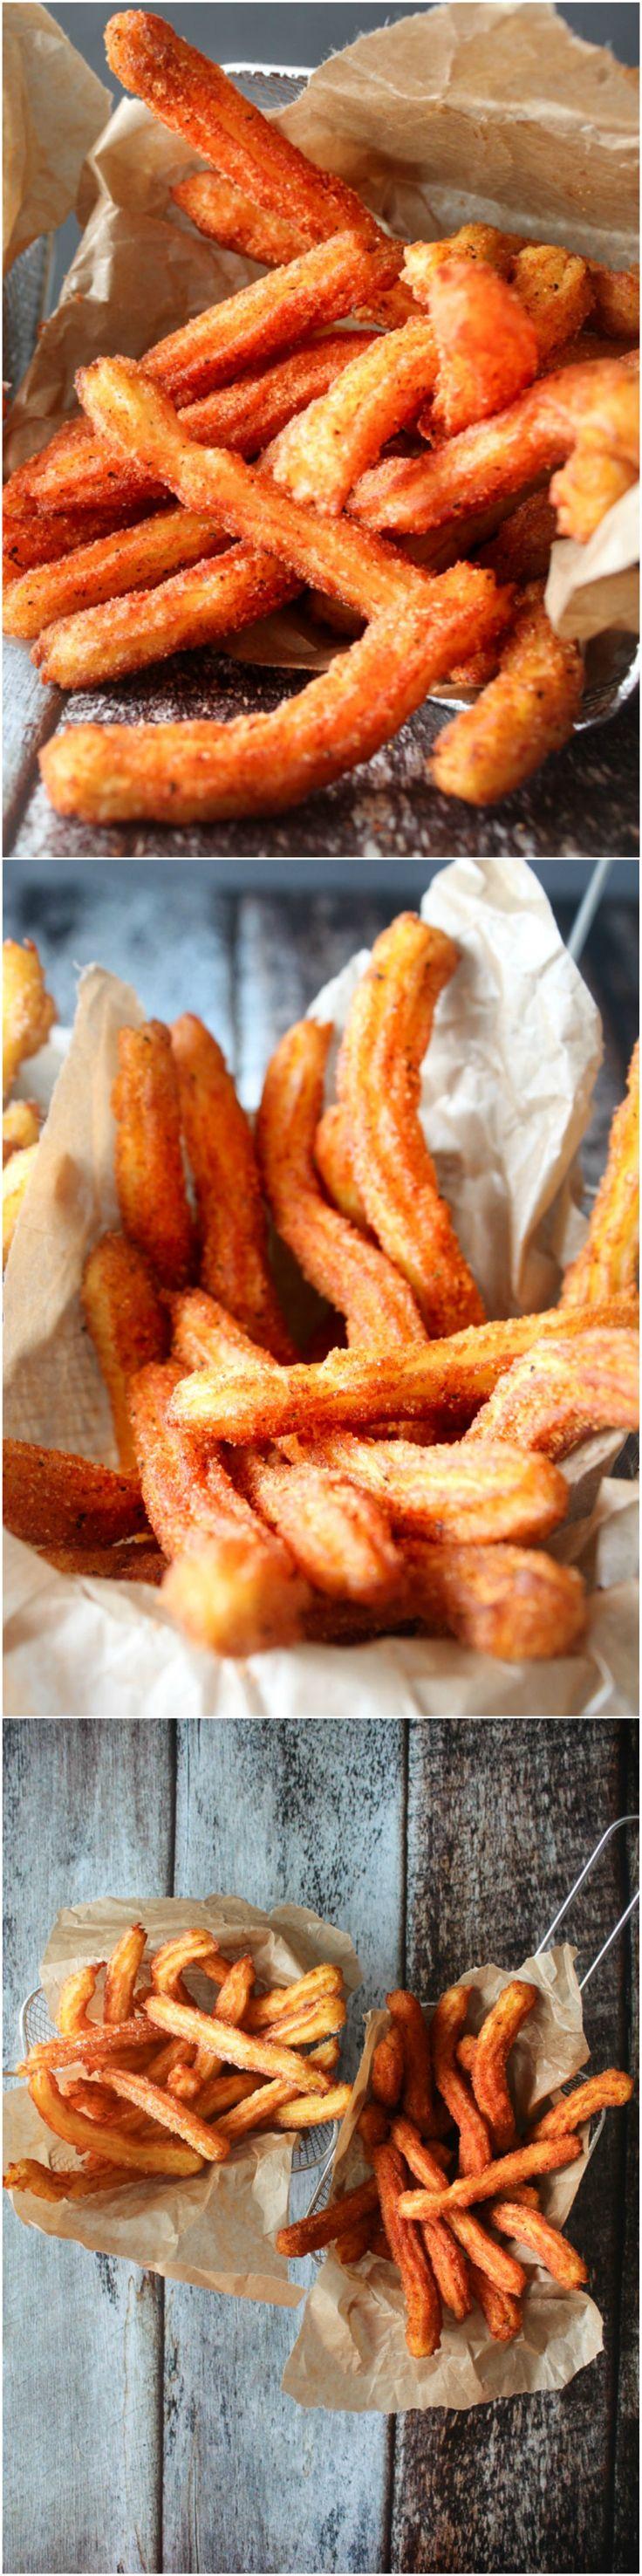 Homemade Churros Potato Fries - Homemade Fries - Homemade Churros - Savory Churros - Spicy Churros - Snack - Homemade Snacks